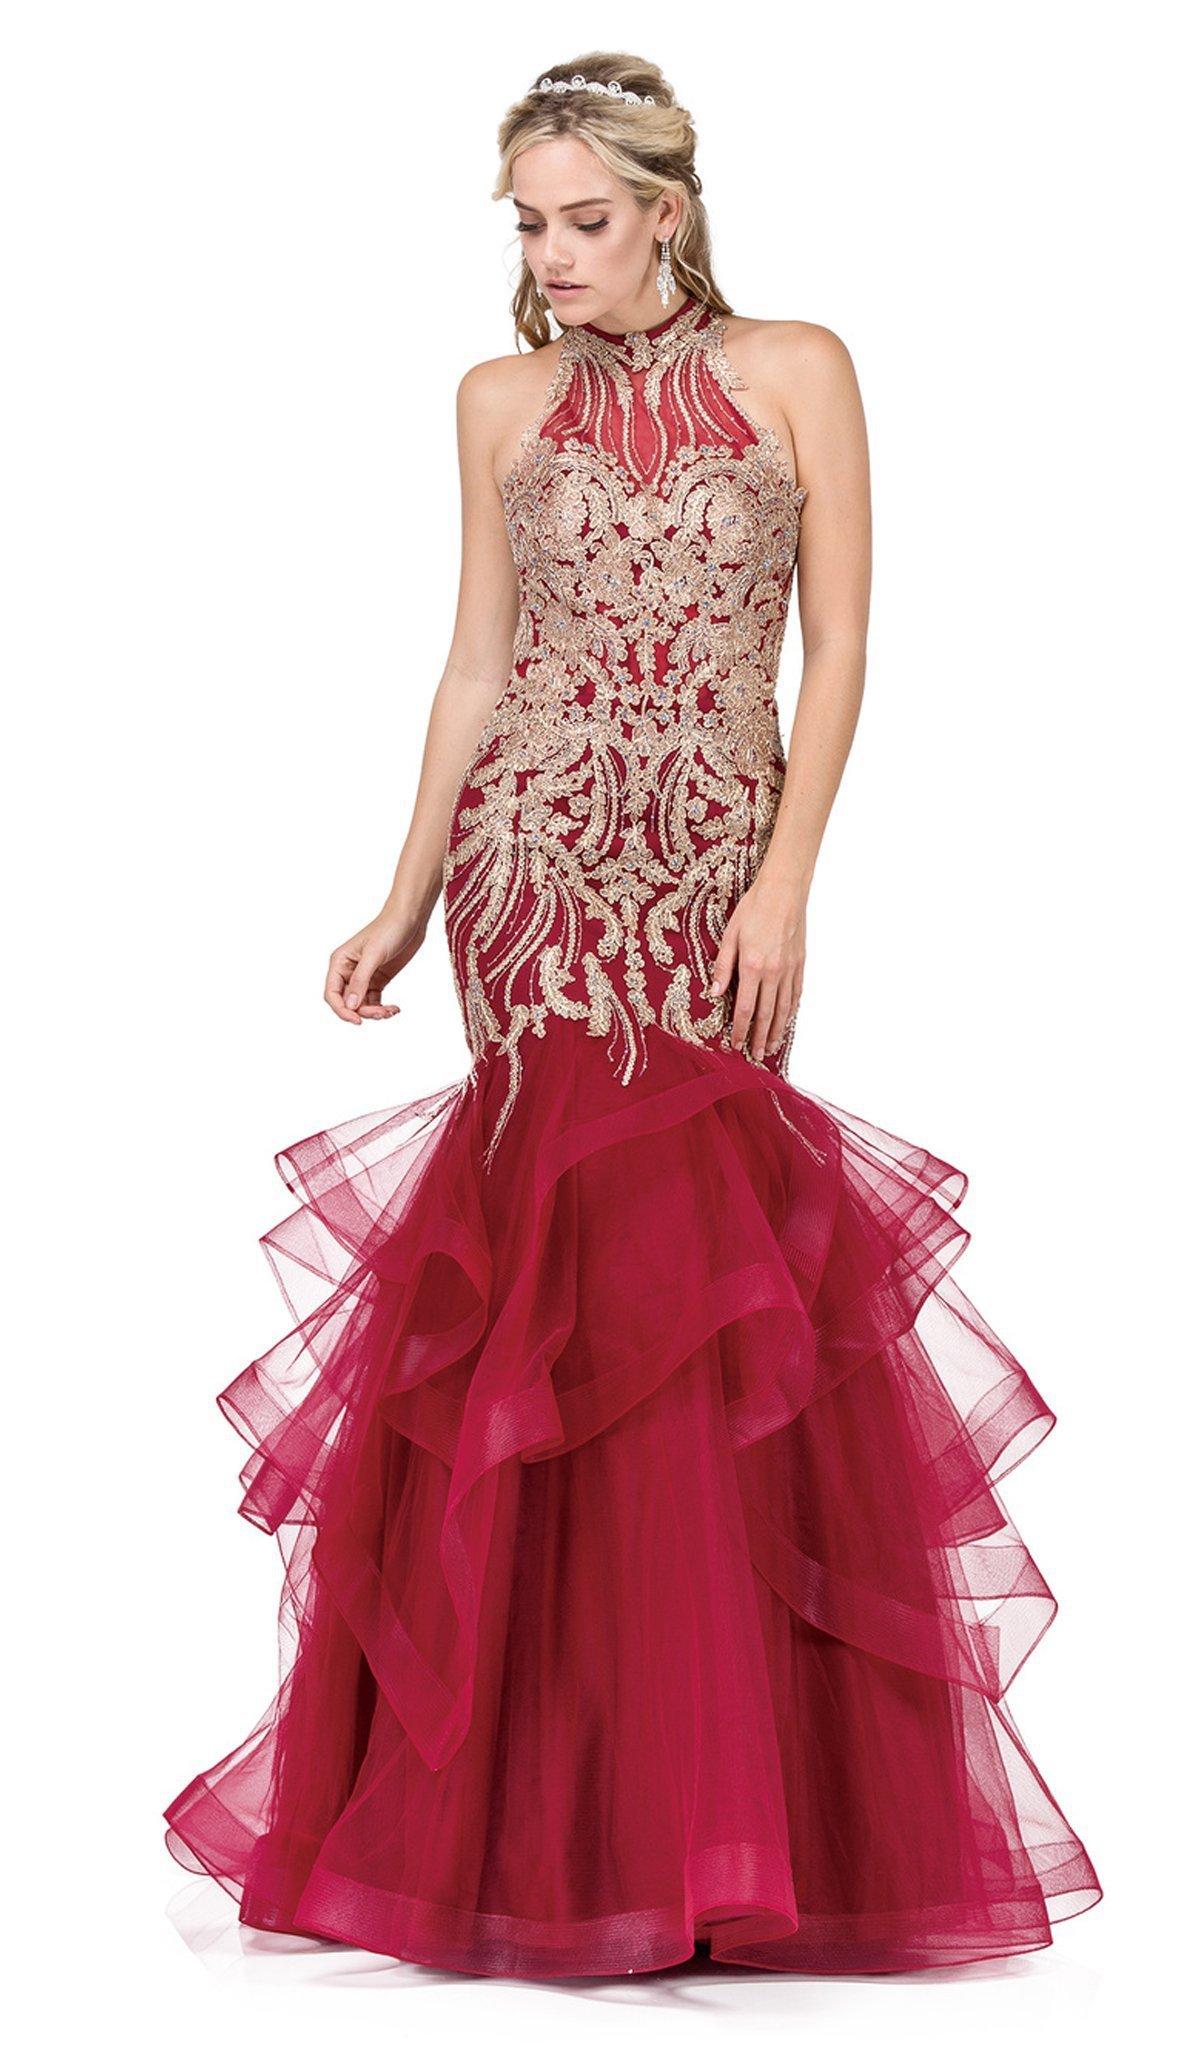 Dancing Queen - 2447 Gold Applique Halter Tiered Mermaid Prom Dress